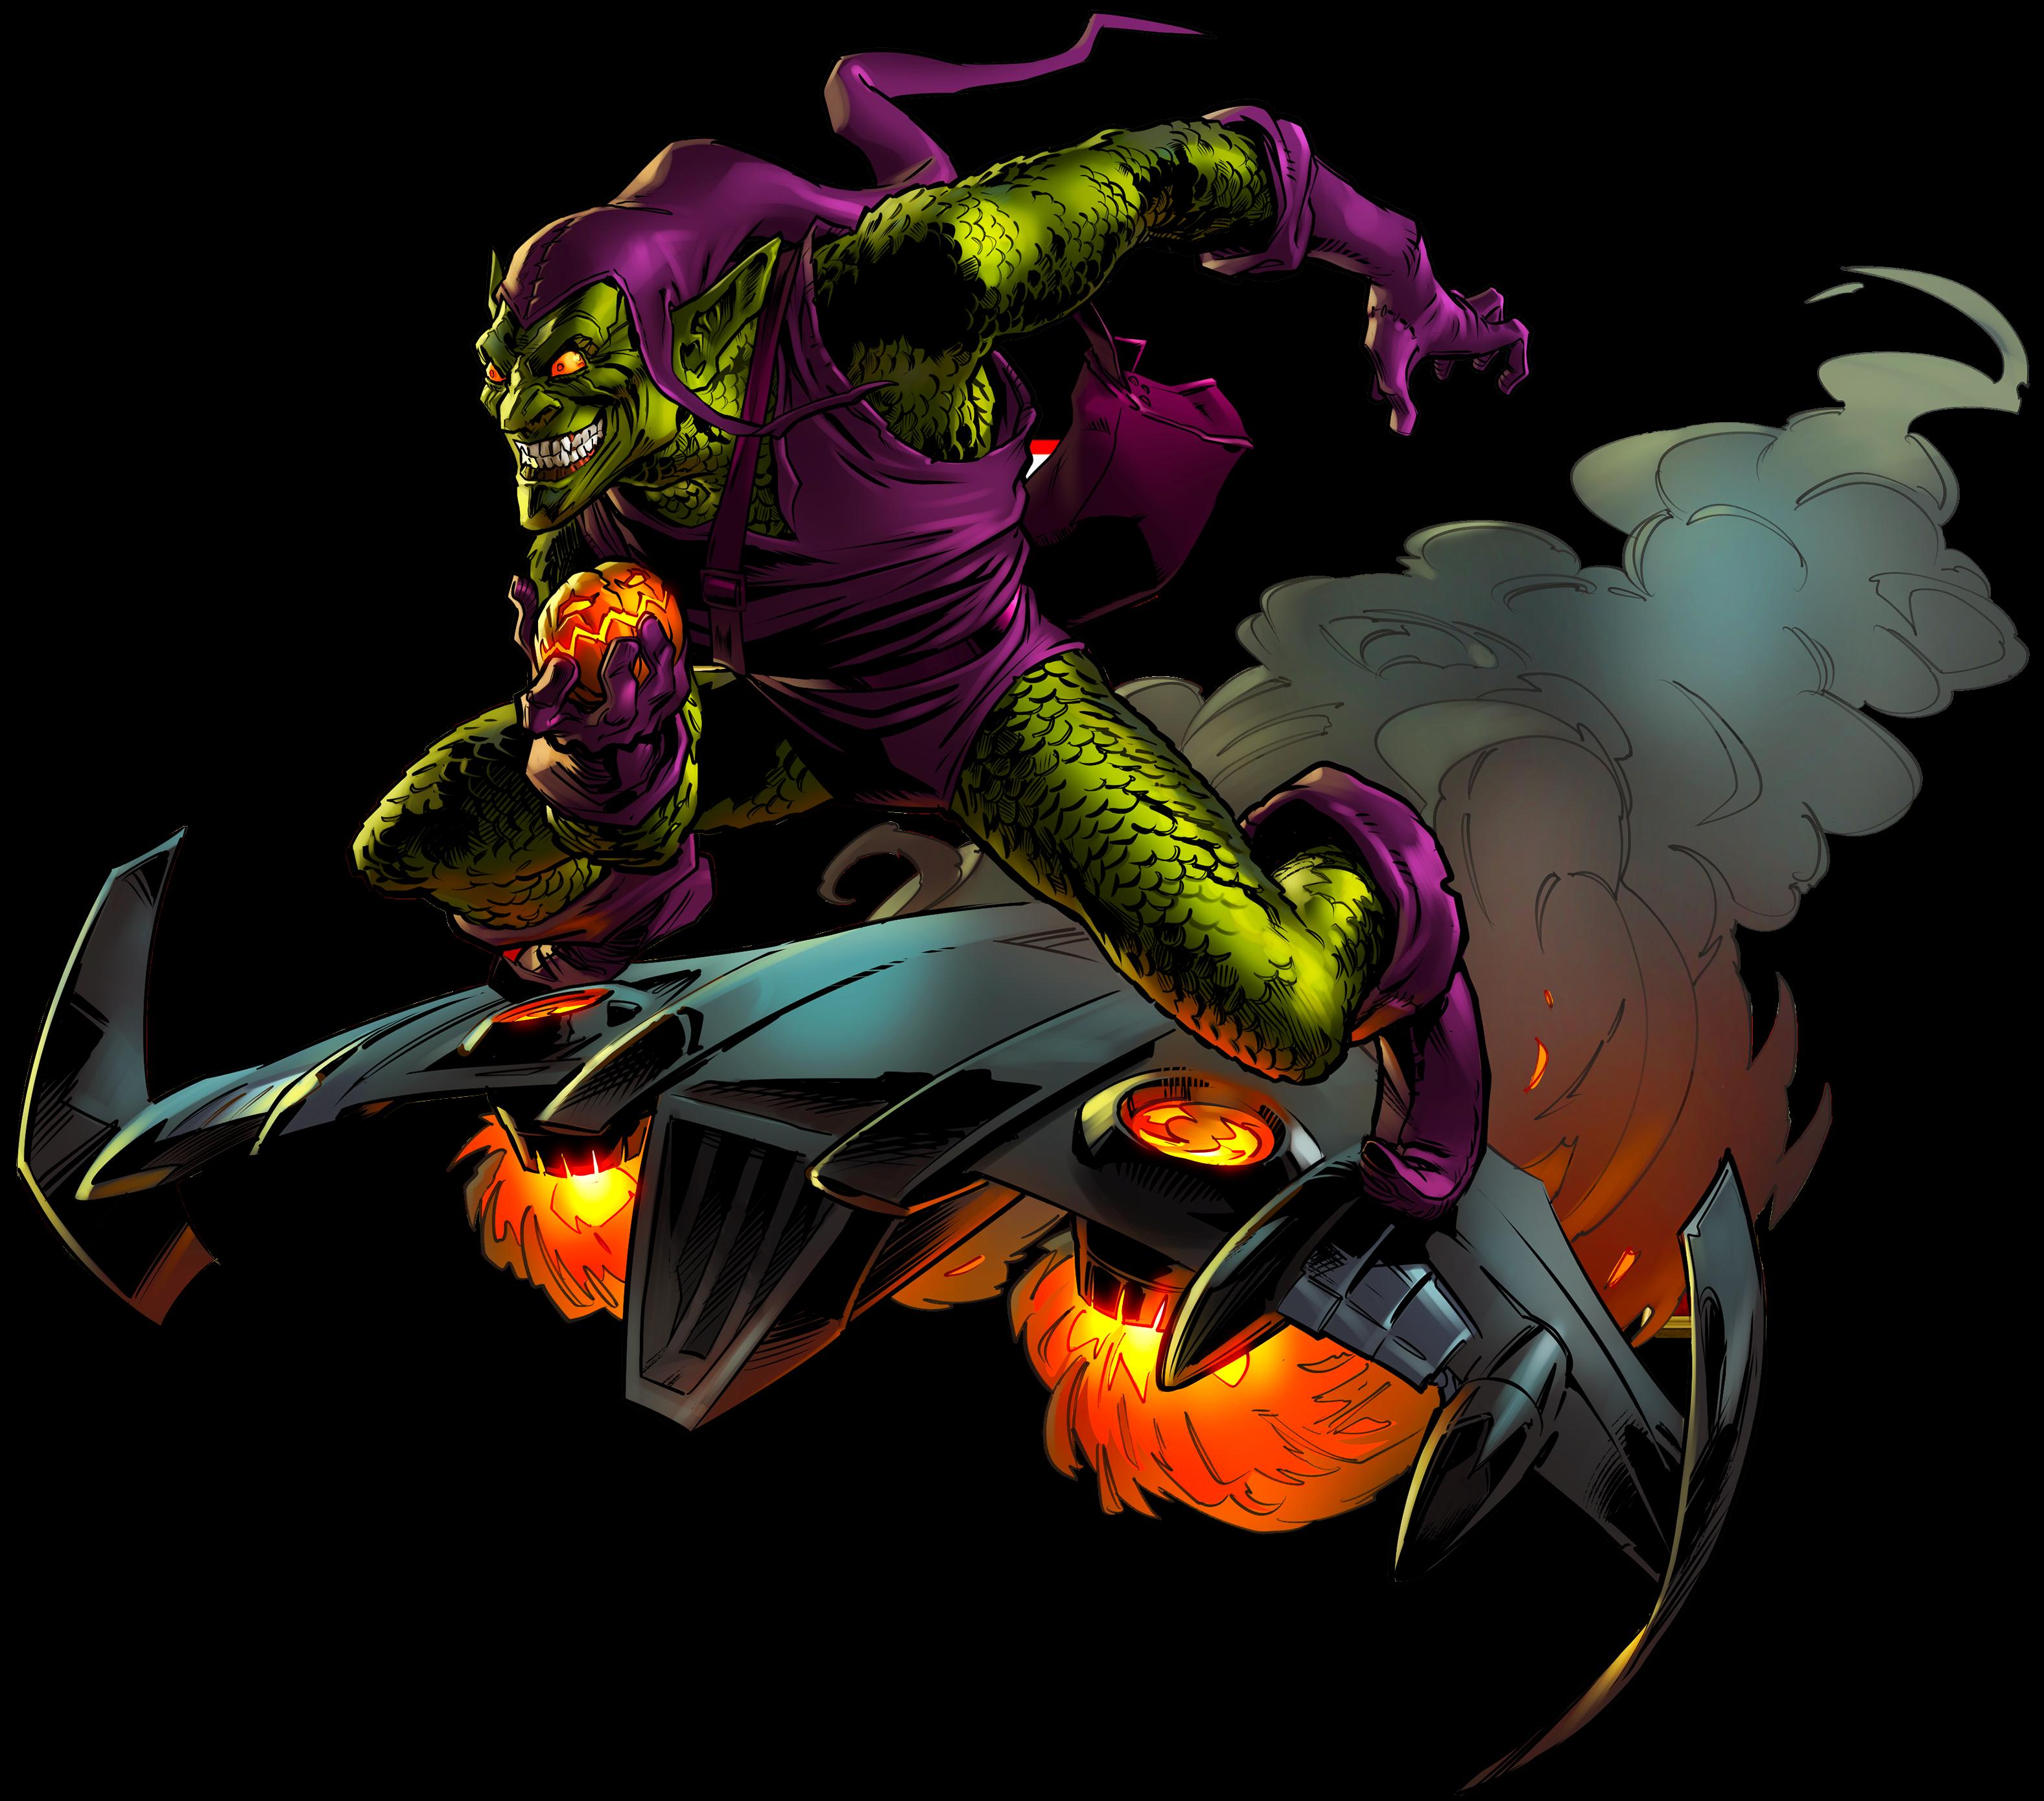 Green Goblin 2 By Alexelz Green Goblin Green Goblin Spiderman Goblin